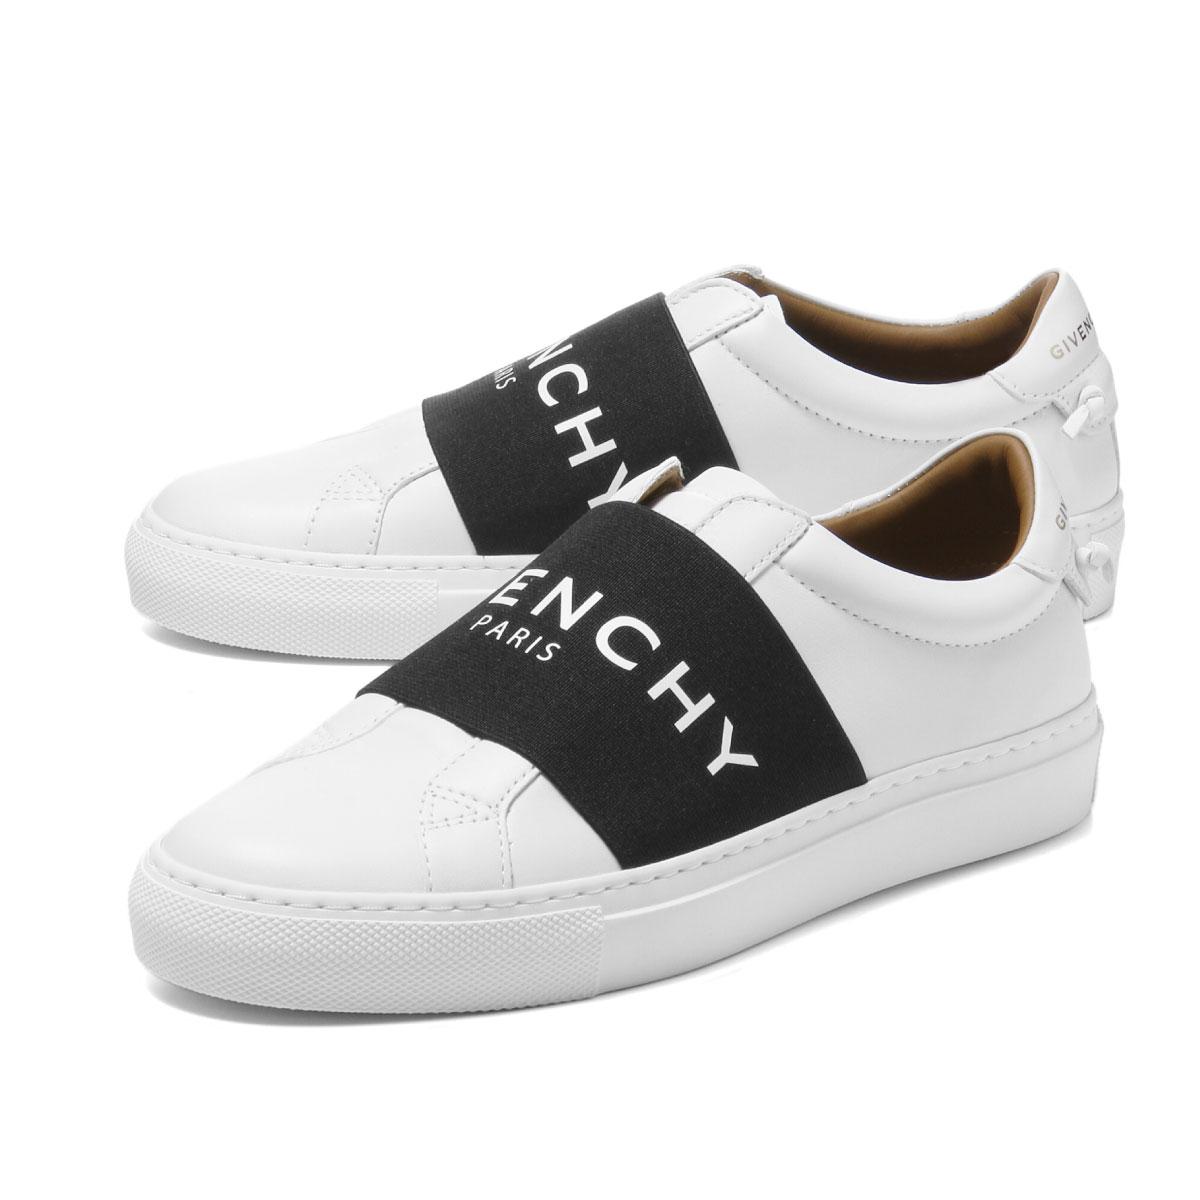 レディース靴, スニーカー  GIVENCHY BE0005E0DD 116 URBAN STREET WHITEBLACK